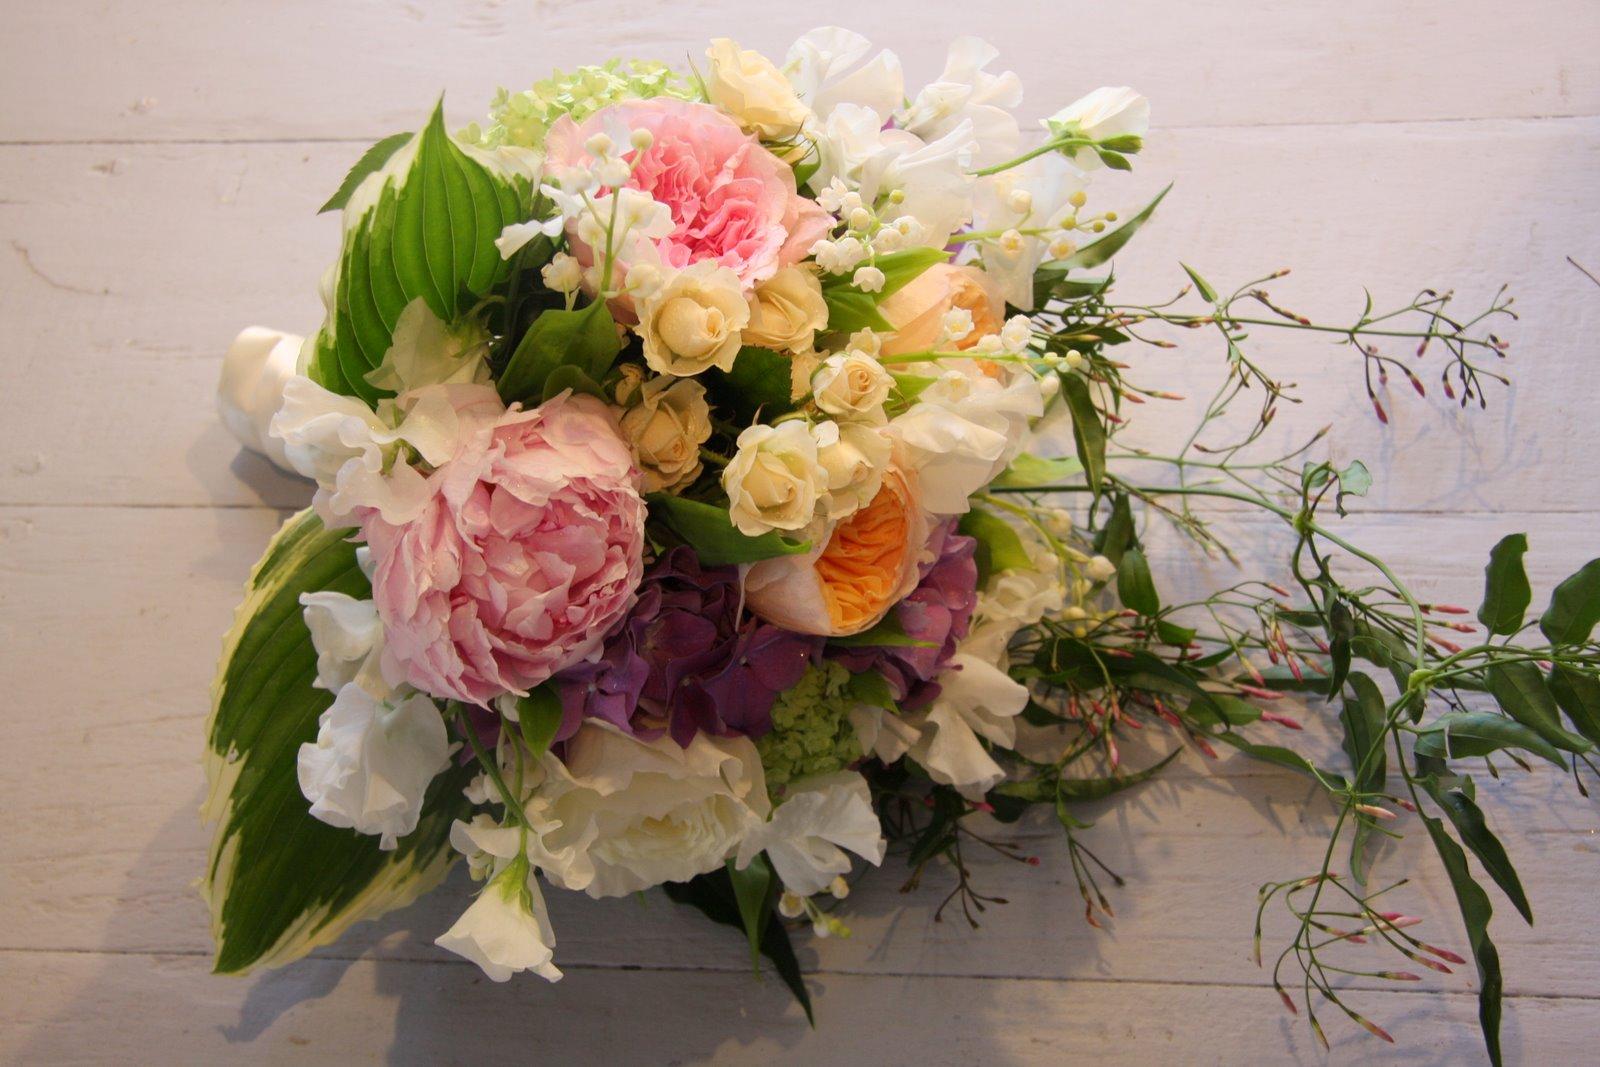 The flower magician english country garden wedding bouquet english country garden wedding bouquet izmirmasajfo